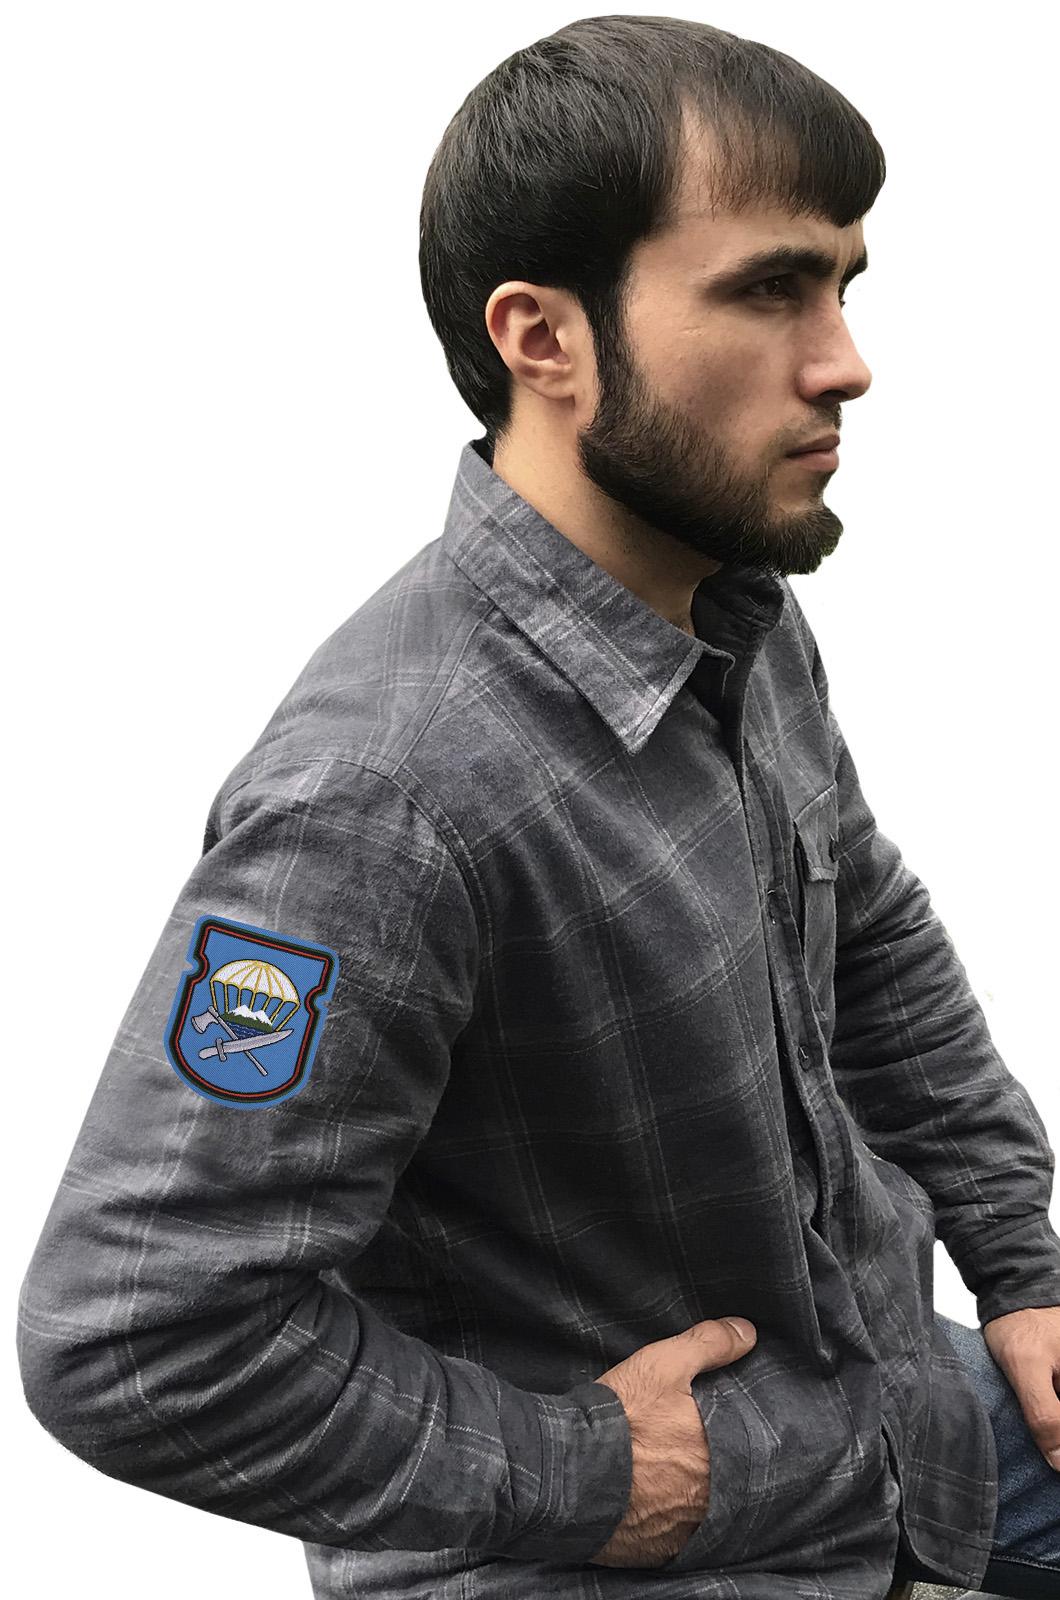 Строгая рубашка с вышитым шевроном 629-й ОИСБ 7-ой ДШД - купить оптом